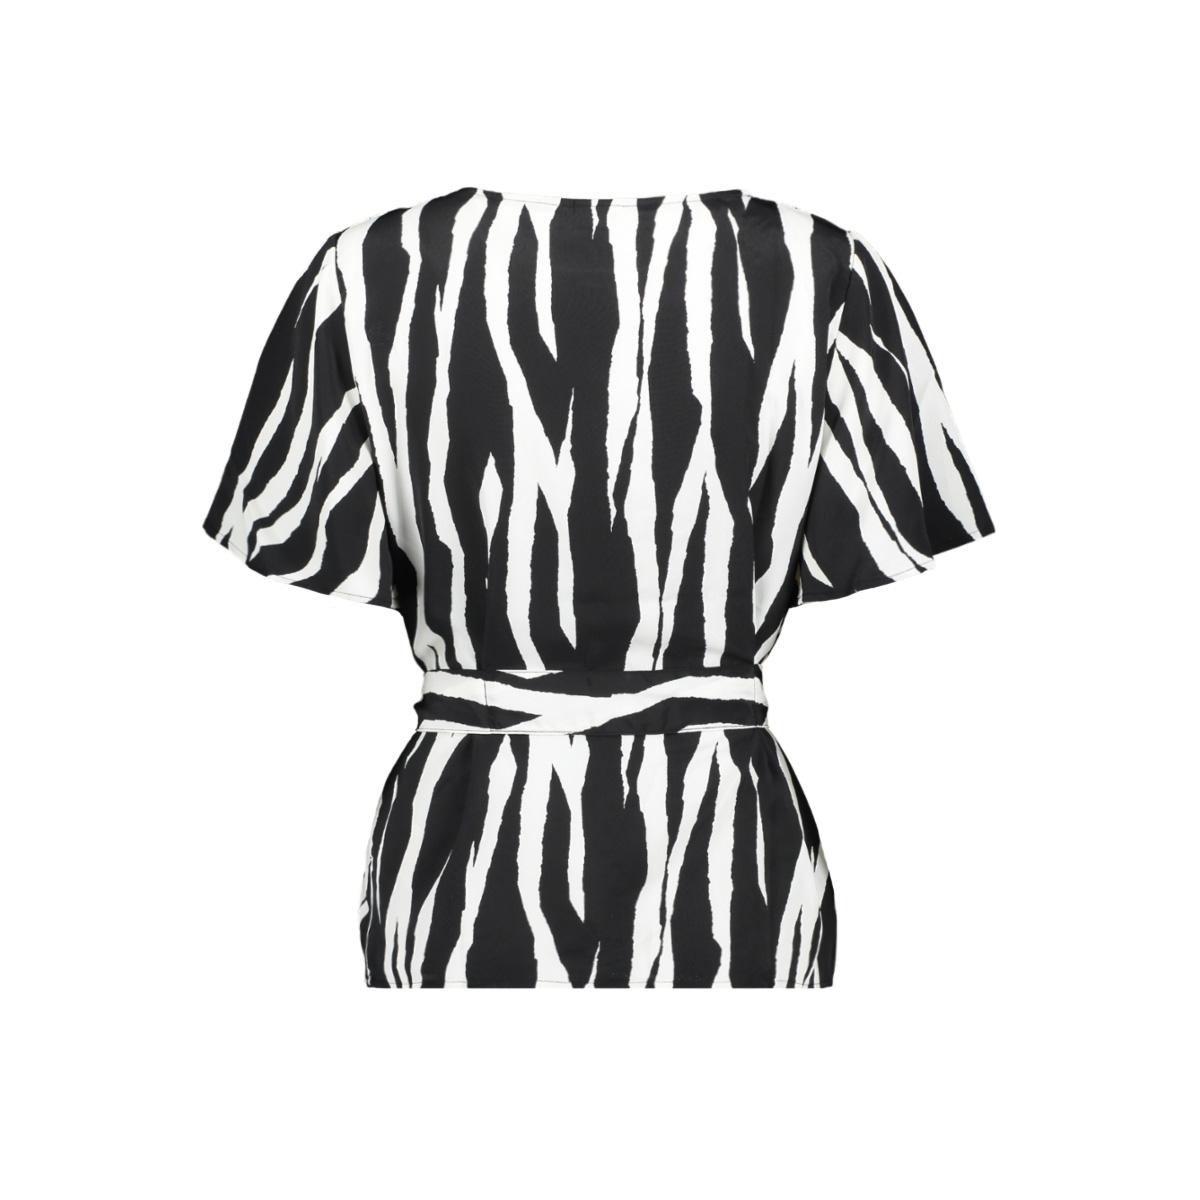 jdydana s/s front tie top wvn 15198859 jacqueline de yong blouse black/zebra